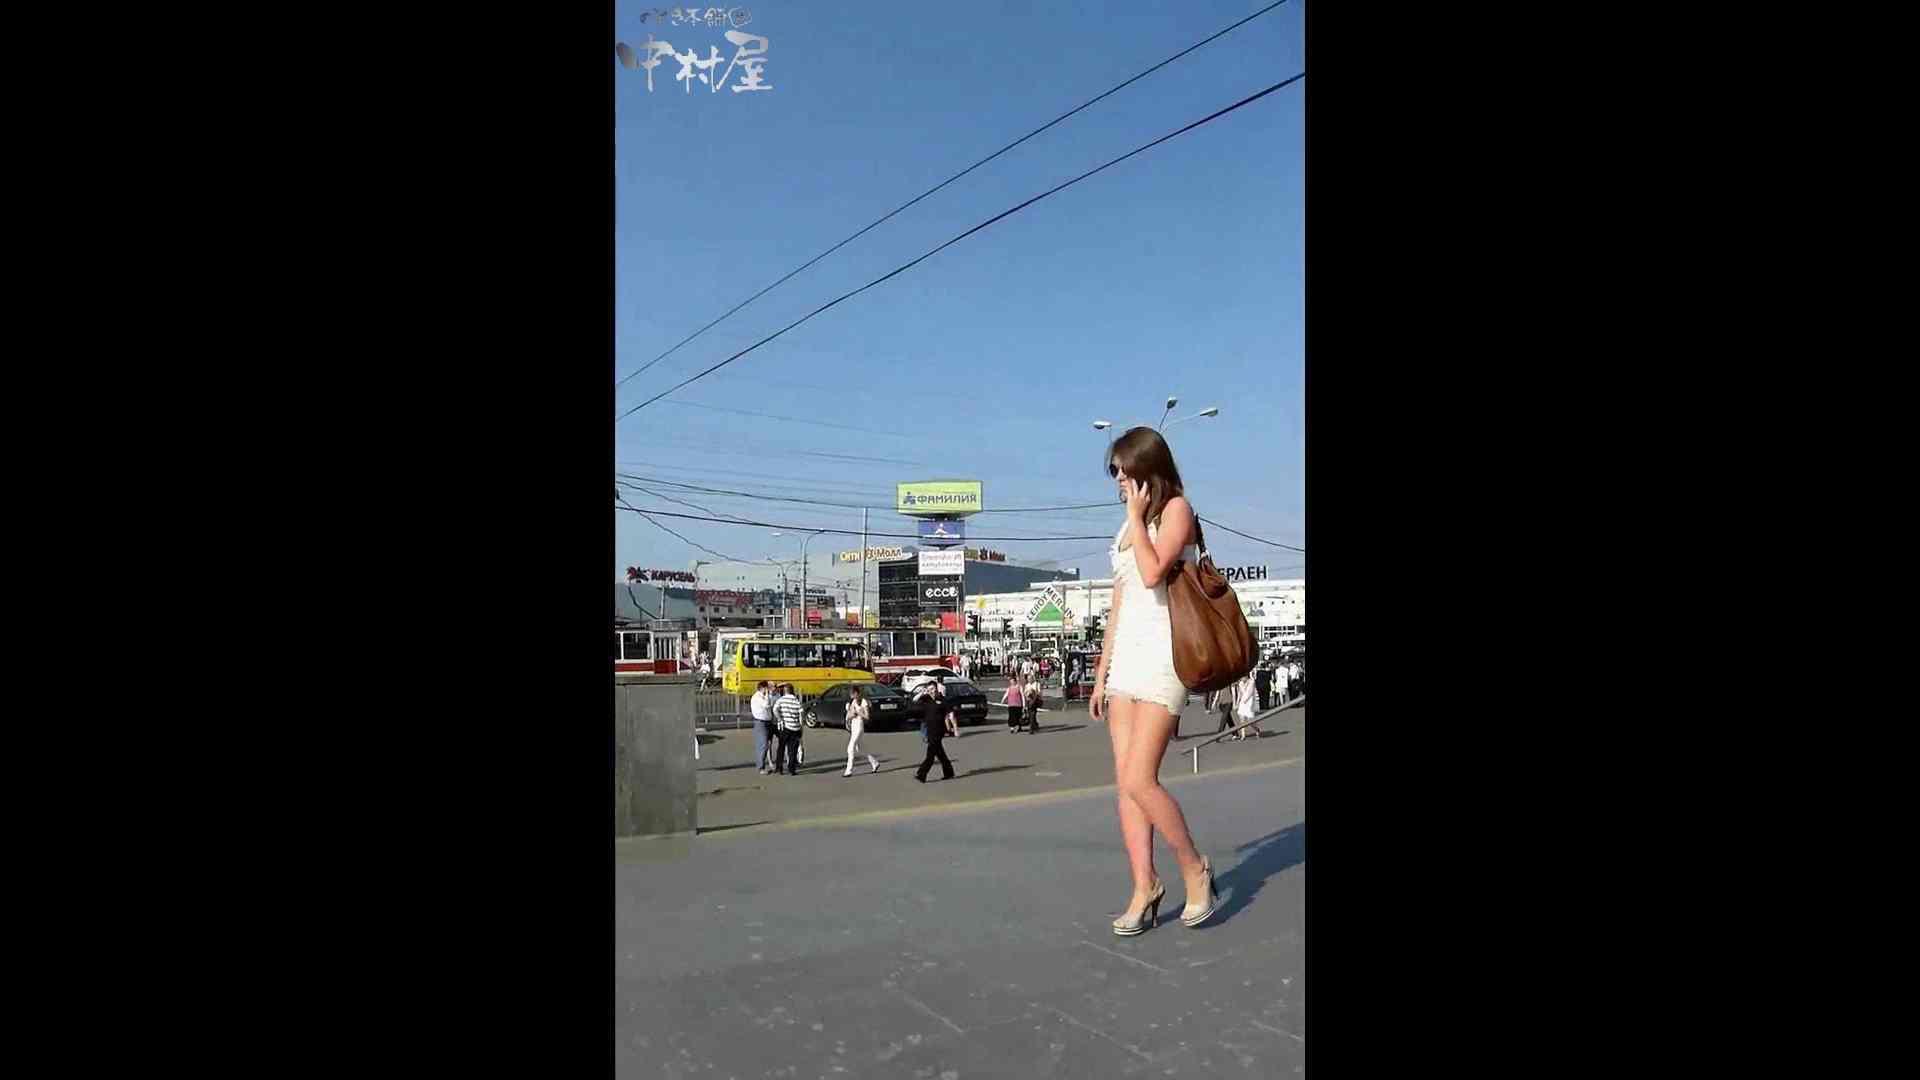 綺麗なモデルさんのスカート捲っちゃおう‼ vol18 お姉さんヌード | OLセックス  81画像 25